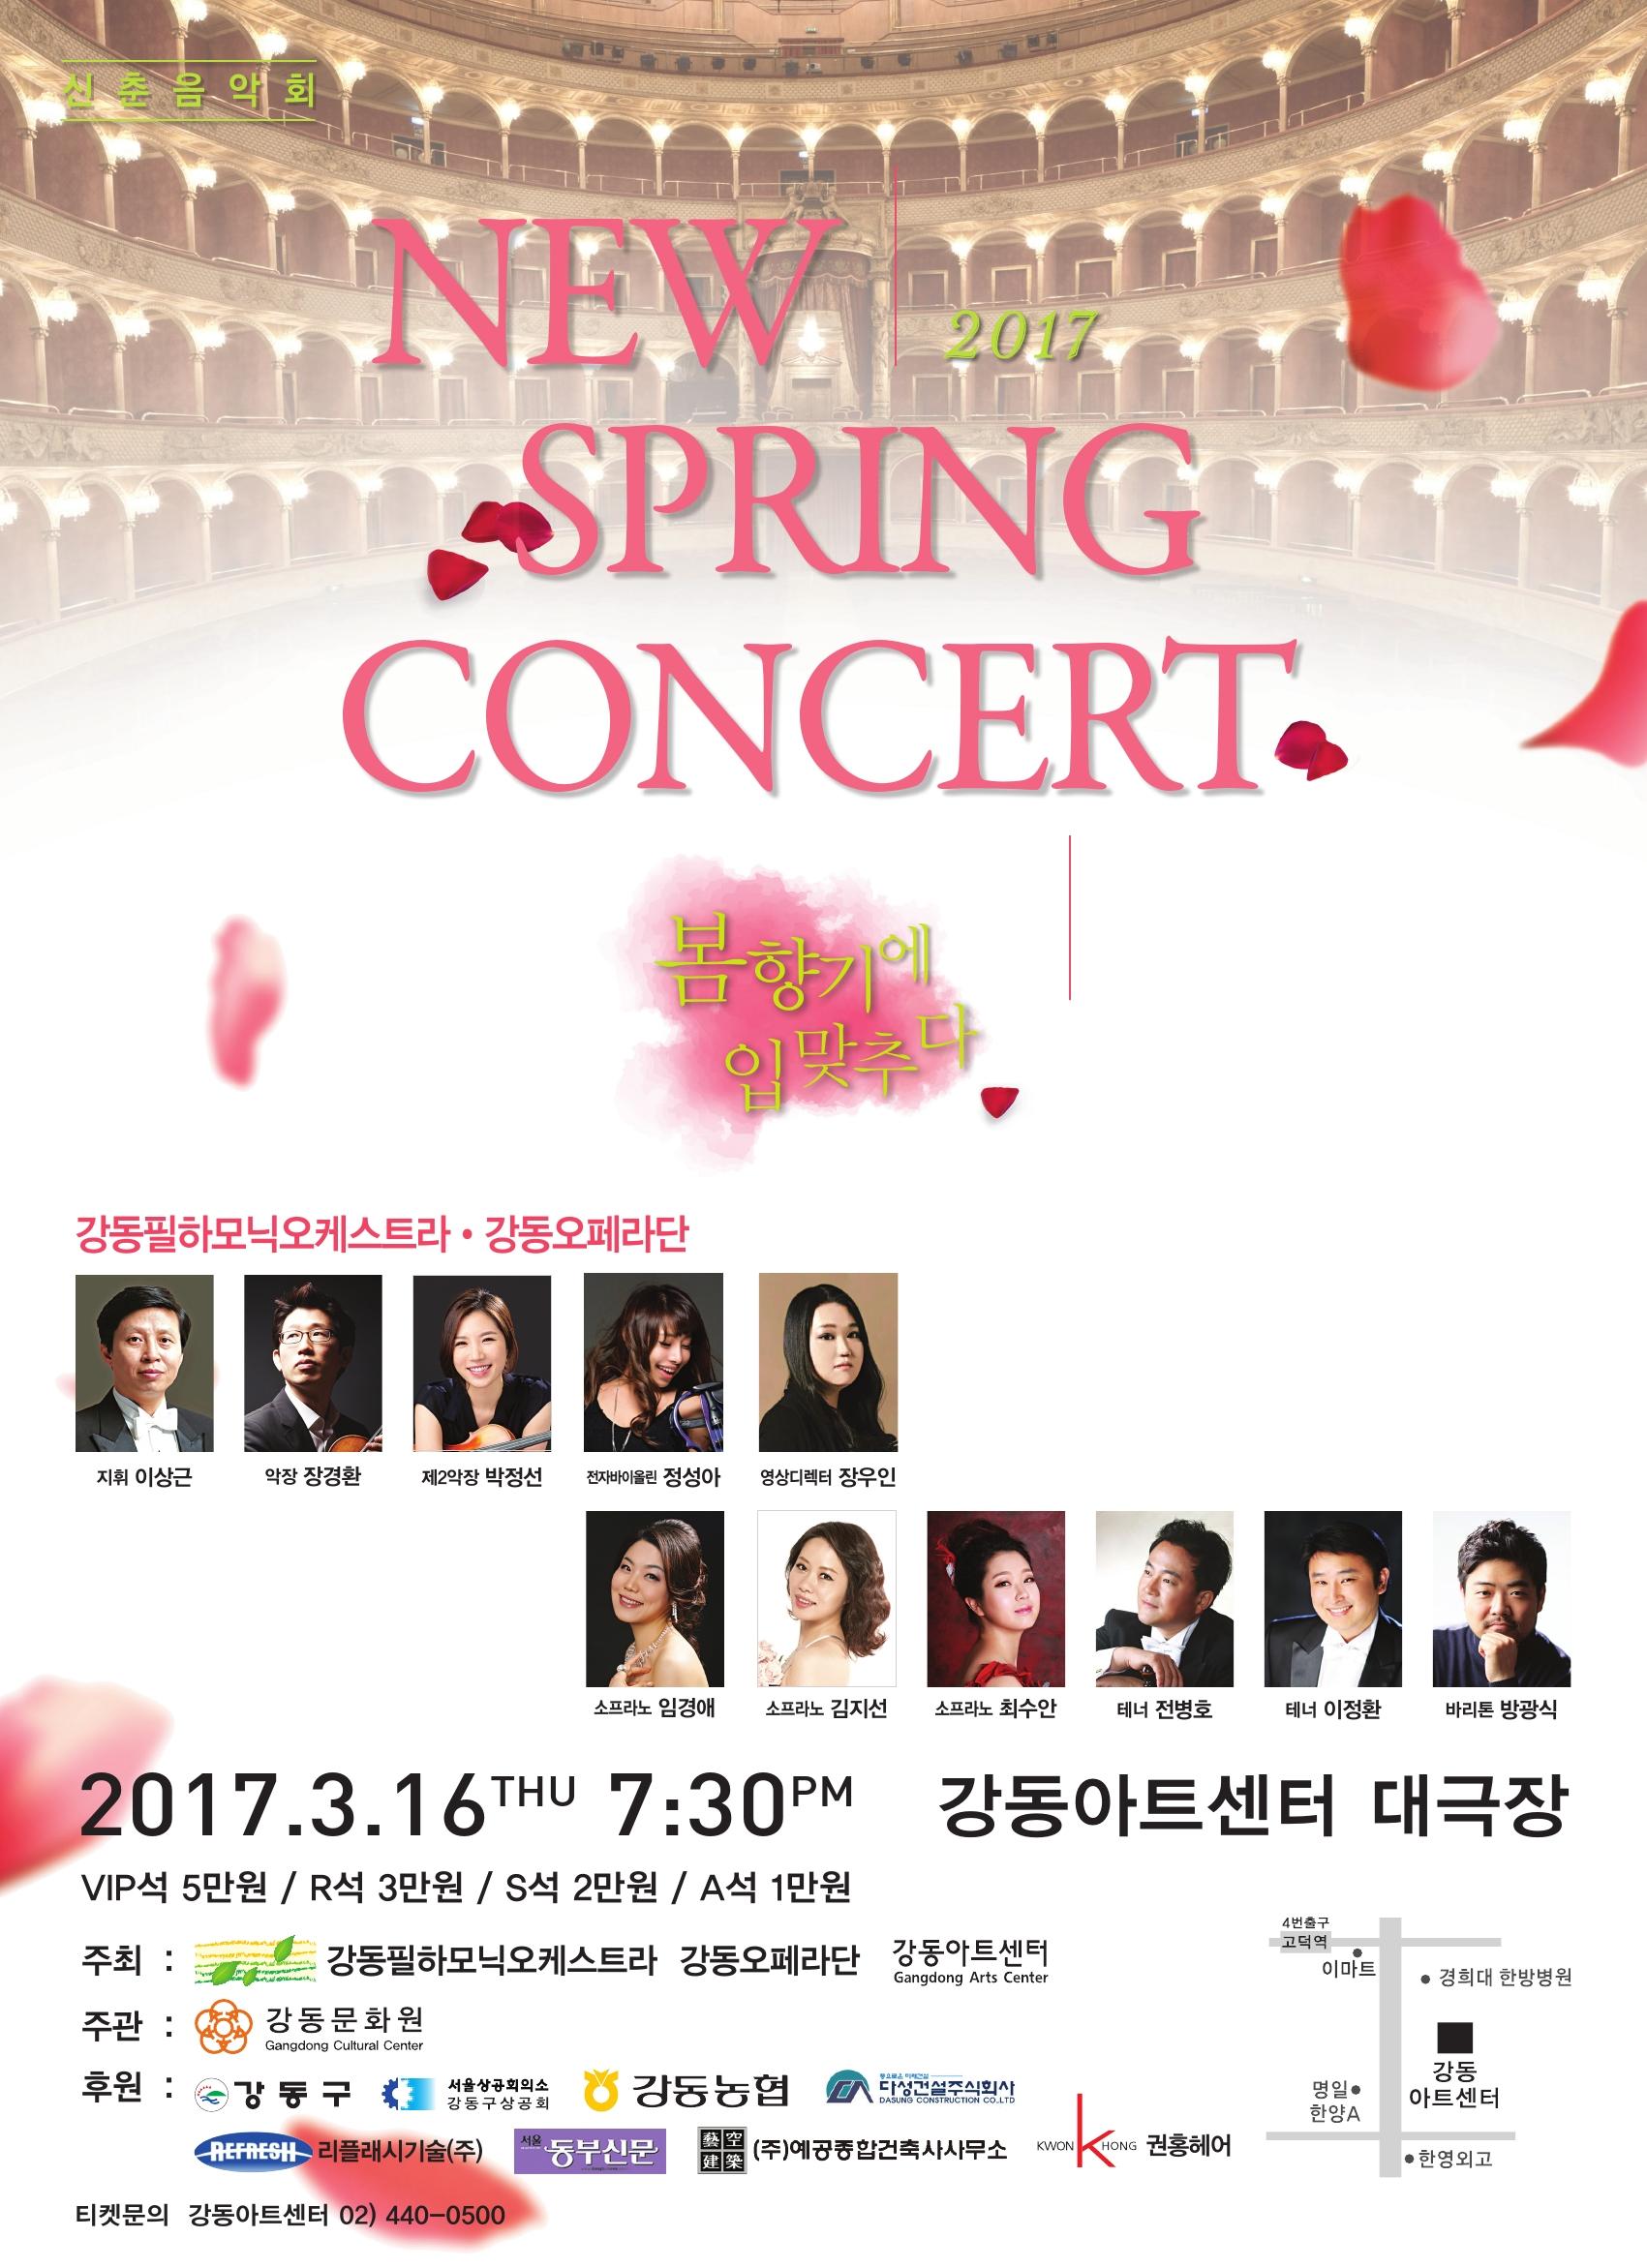 강동필 신춘음악회 포스터.page_1.png